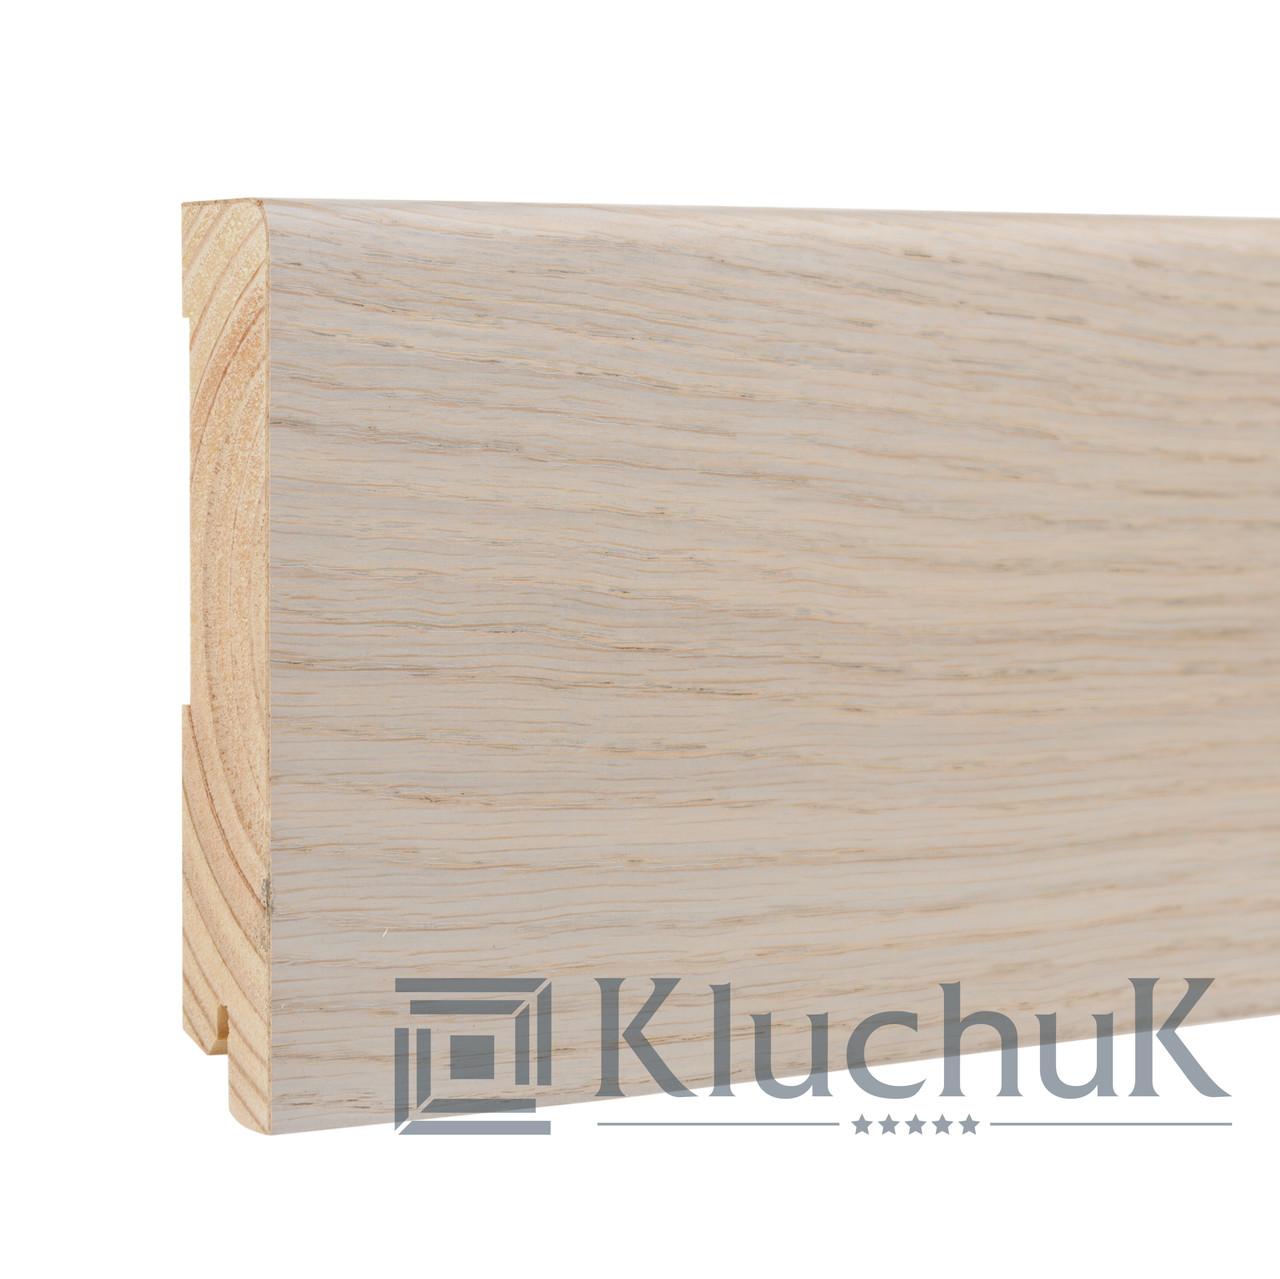 Плинтус Kluchuk Neo Plinth KLN120-07 Дуб Серебрянный 120мм